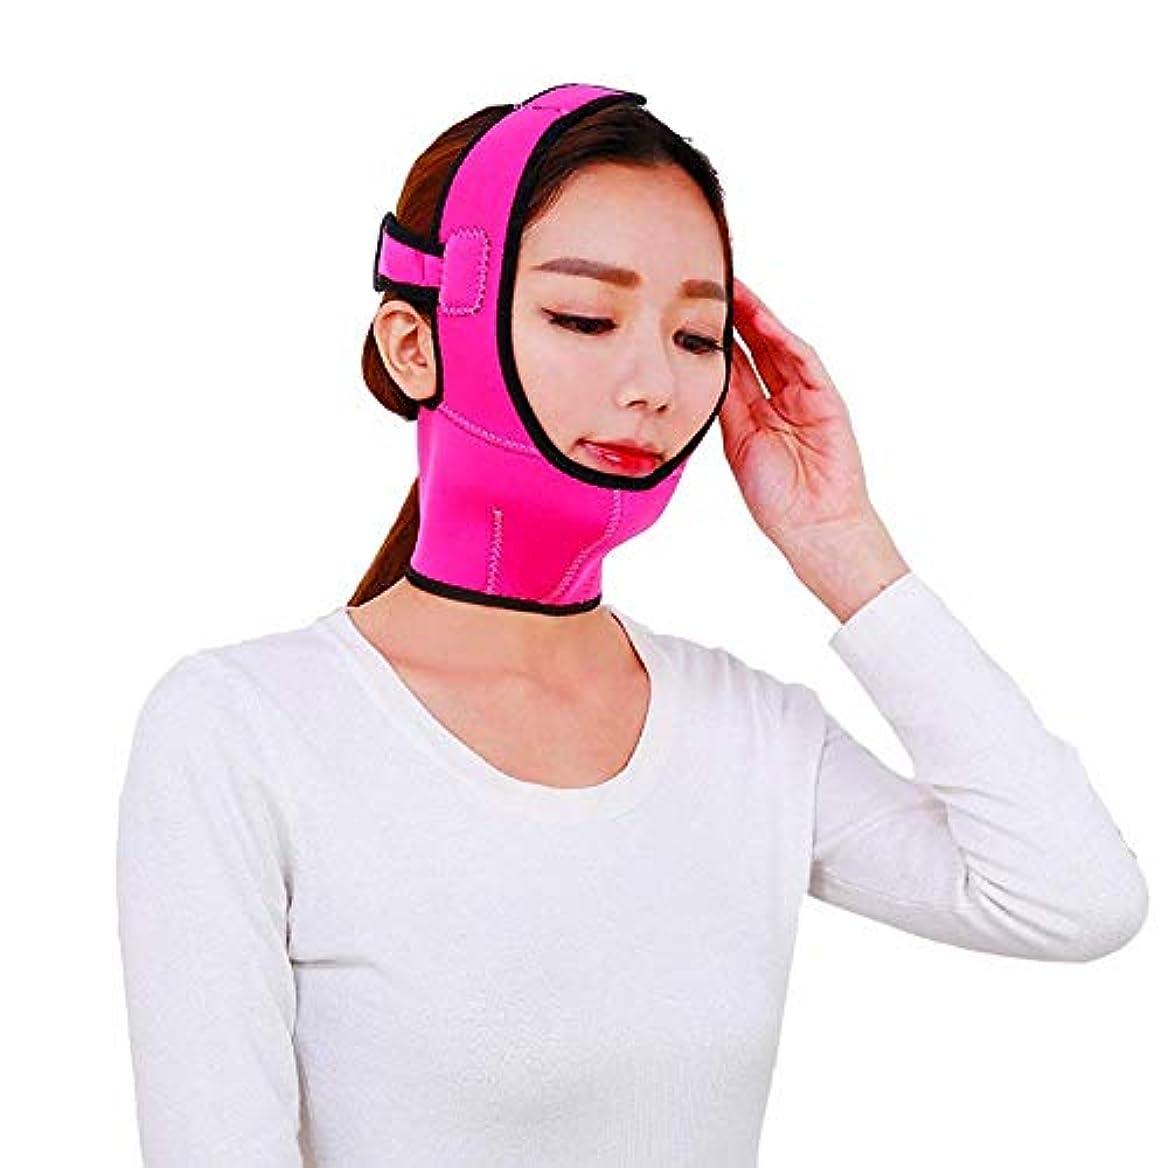 株式会社健康できる二重あごの顔の持ち上がるマスクVfaceの顔の小さい顔の持ち上がる用具をきつく締める通気性の顔の持ち上がる包帯